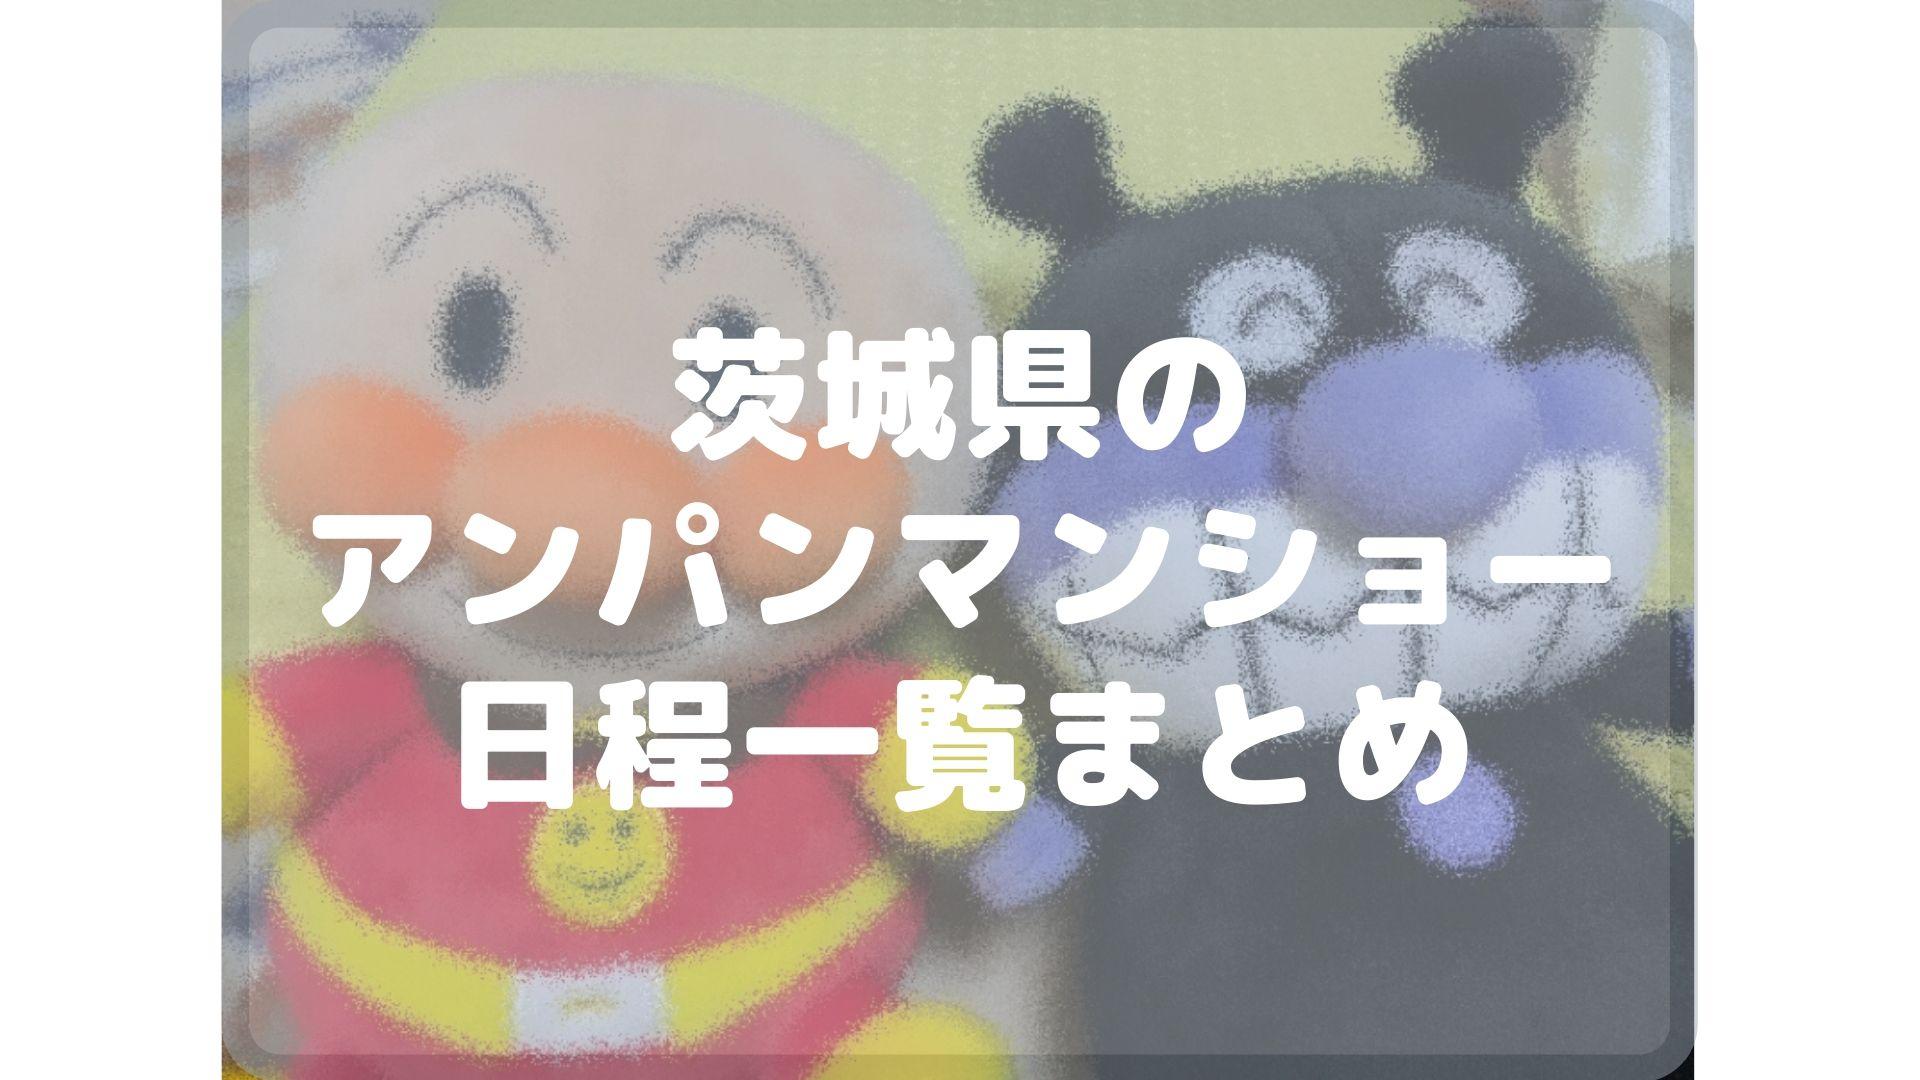 茨城県のアンパンマンショーまとめタイトル画像